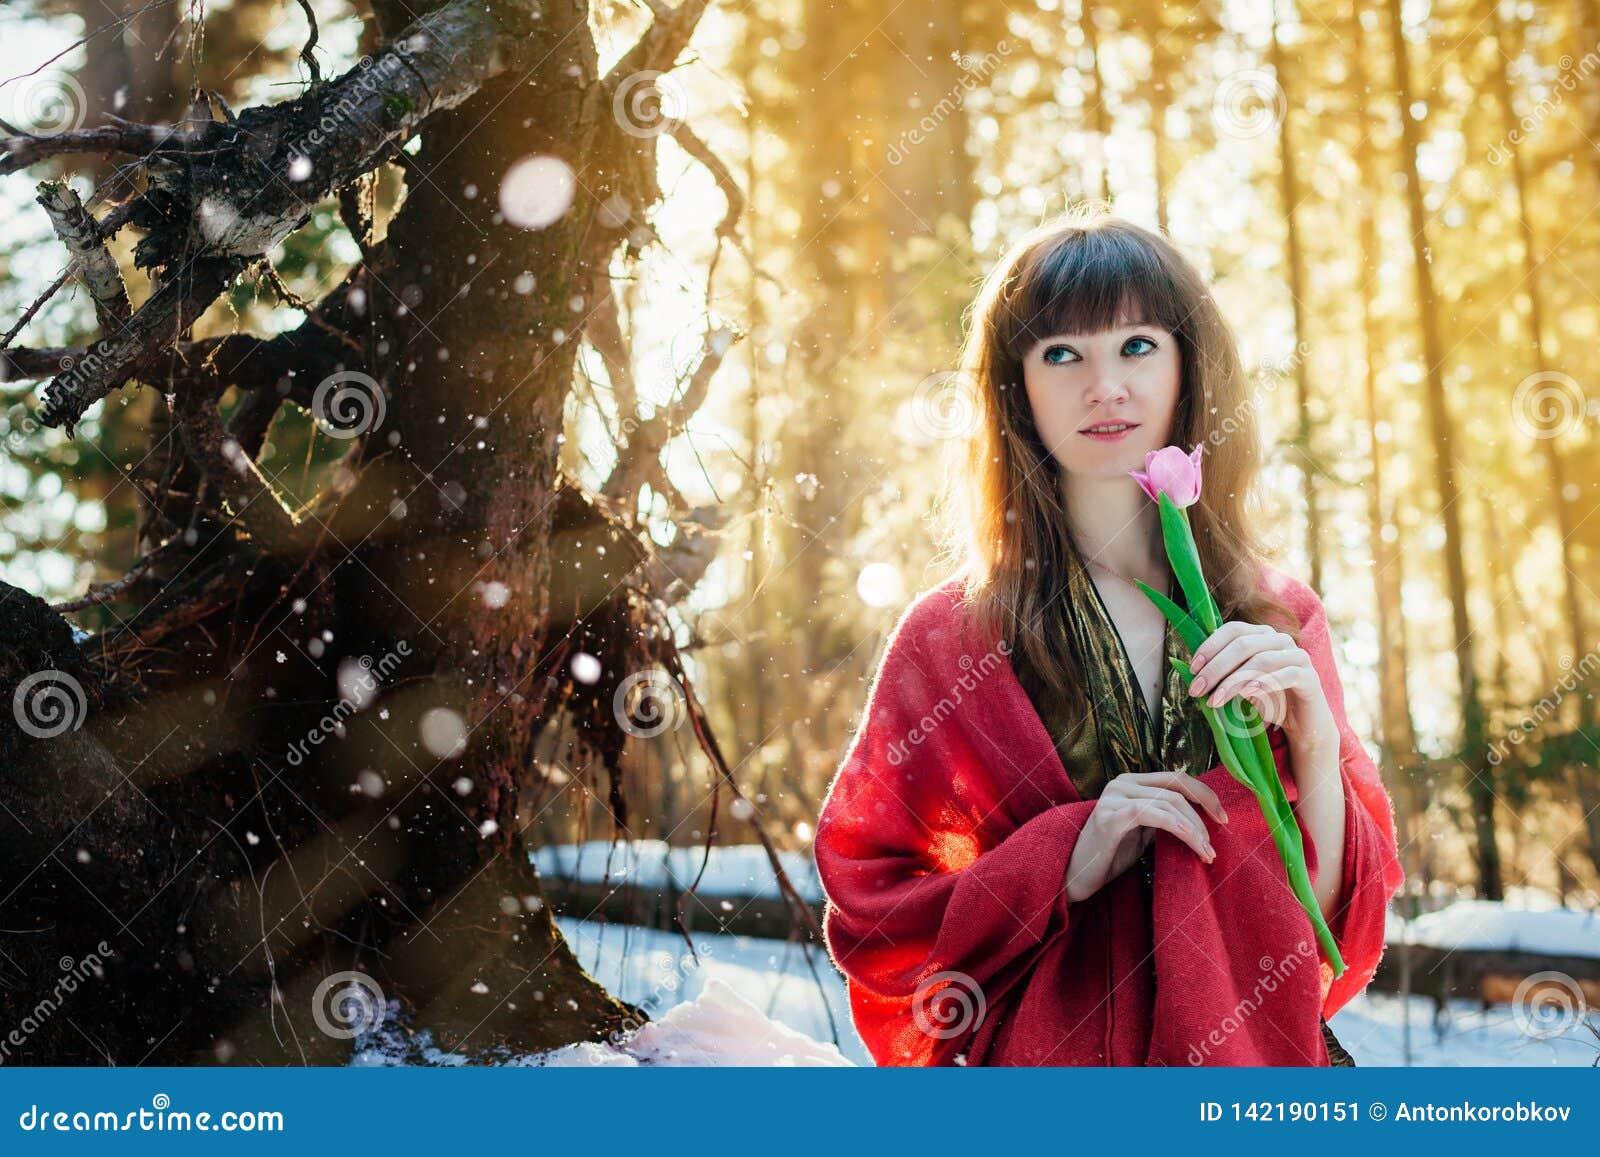 Ein schönes Mädchen in einem Goldkleid steht in einem sonnigen Wald des Frühlinges mit einer Tulpe in ihren Händen